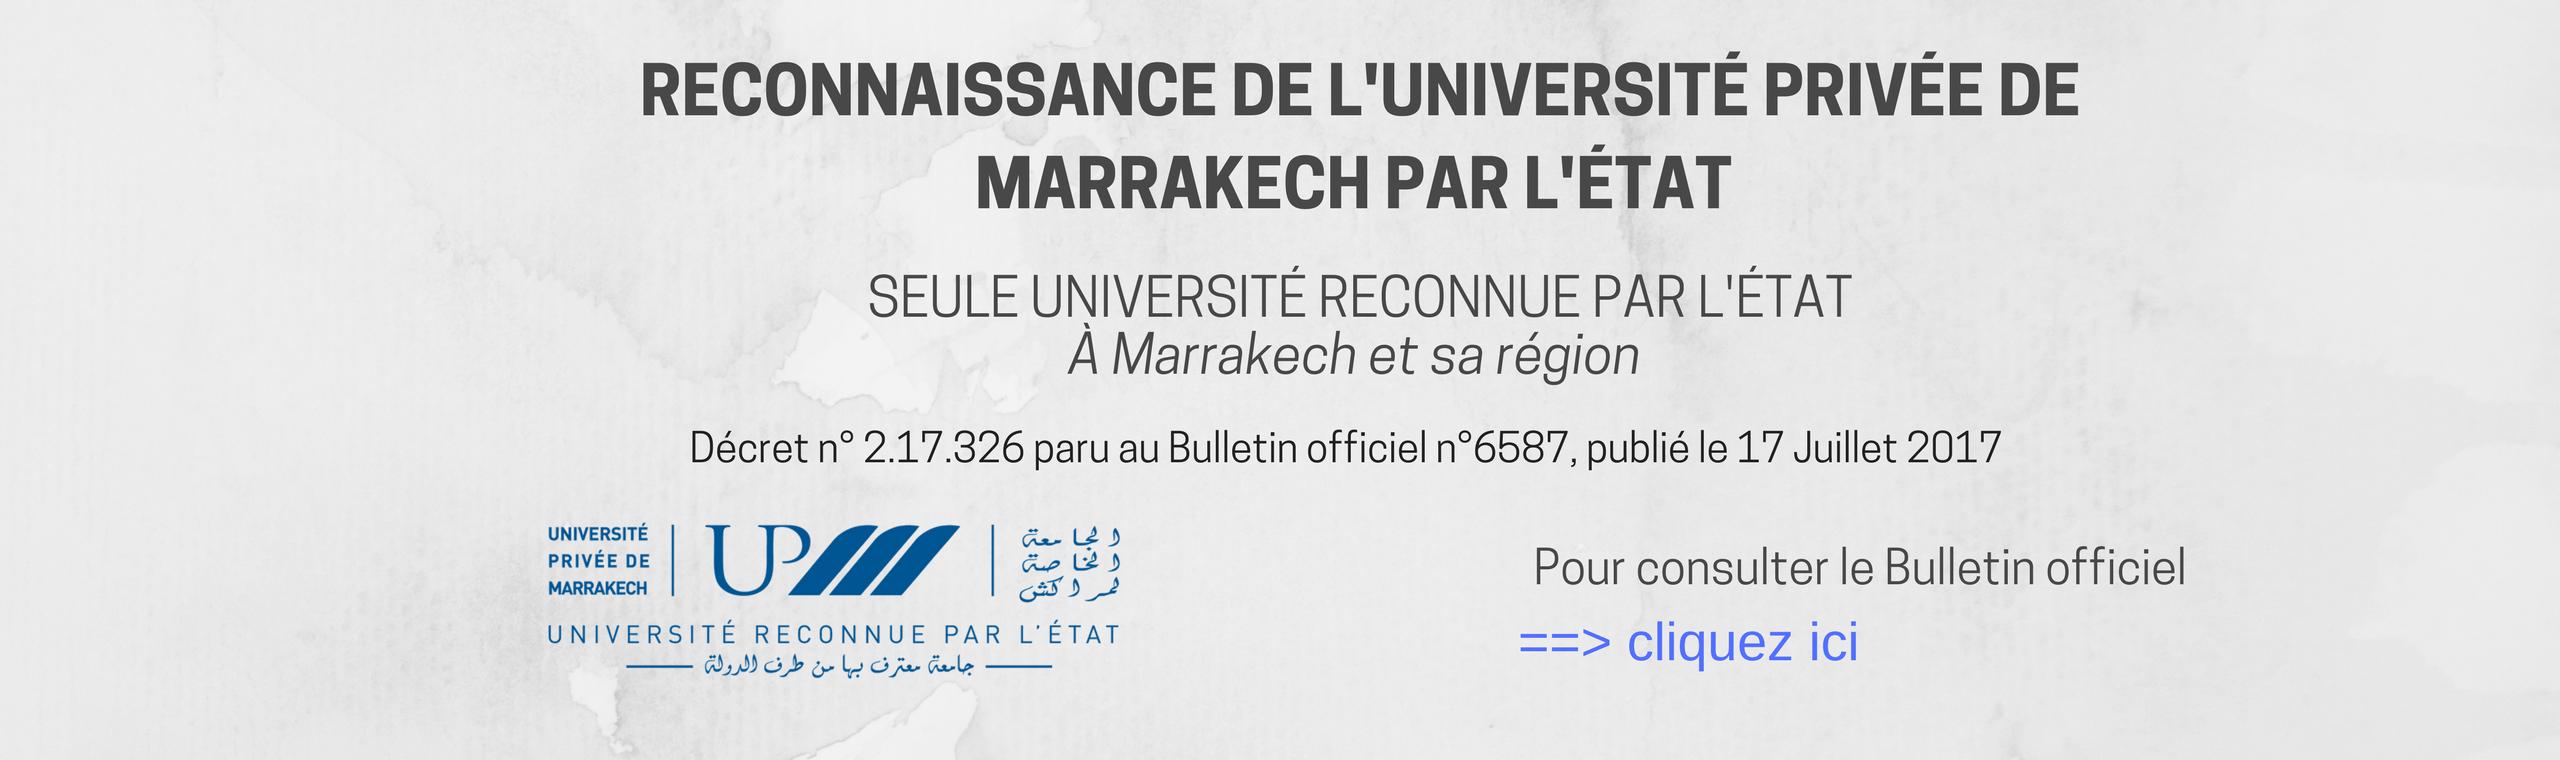 faire rencontre marrakech